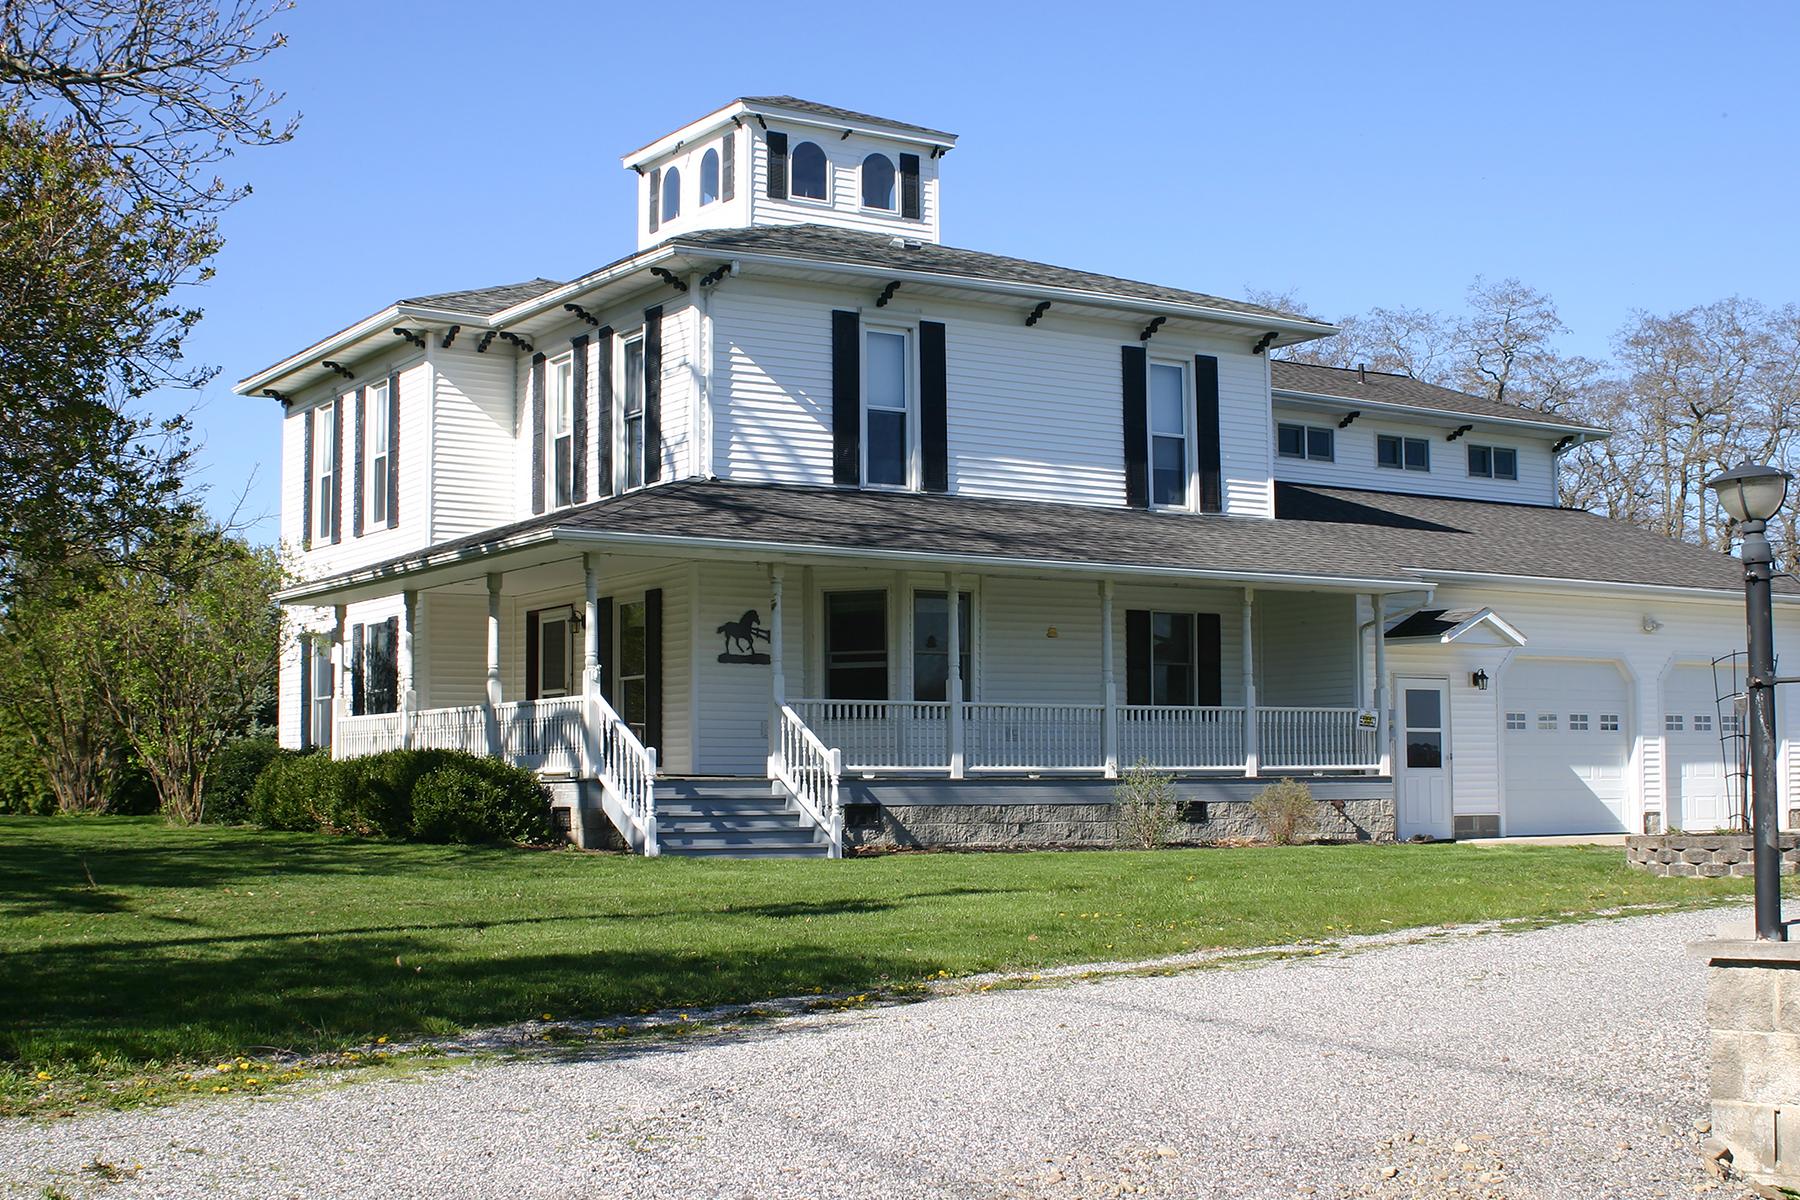 Maison unifamiliale pour l Vente à Dream Valley View Ranch and Resort 8983 & 899 Oakland Rd Nunda, New York 14517 États-Unis